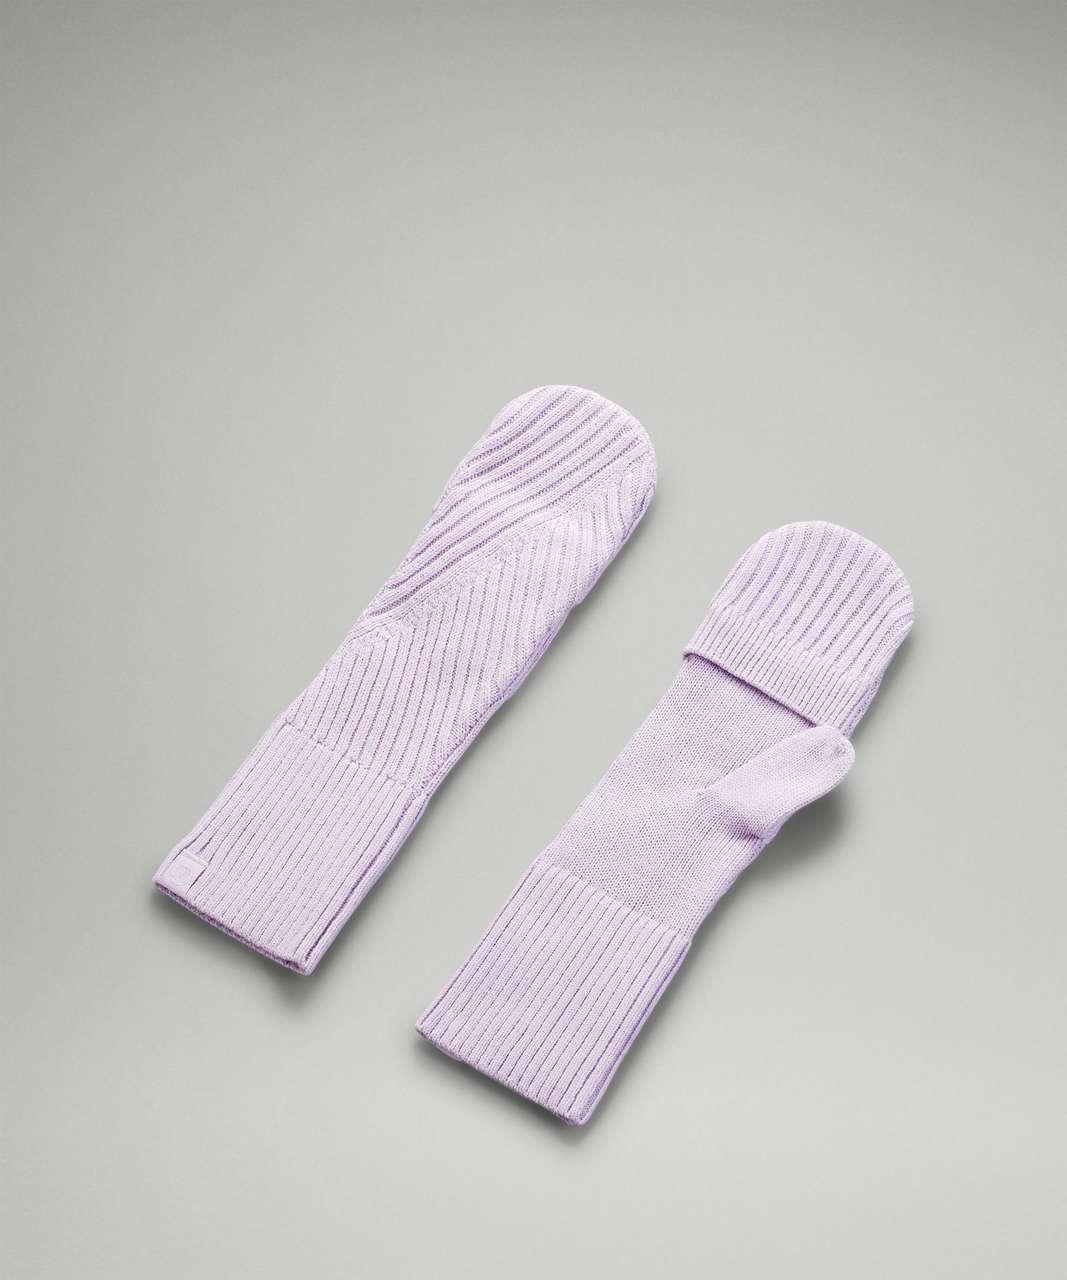 Lululemon Twist Knit Mittens - Lavender Dew